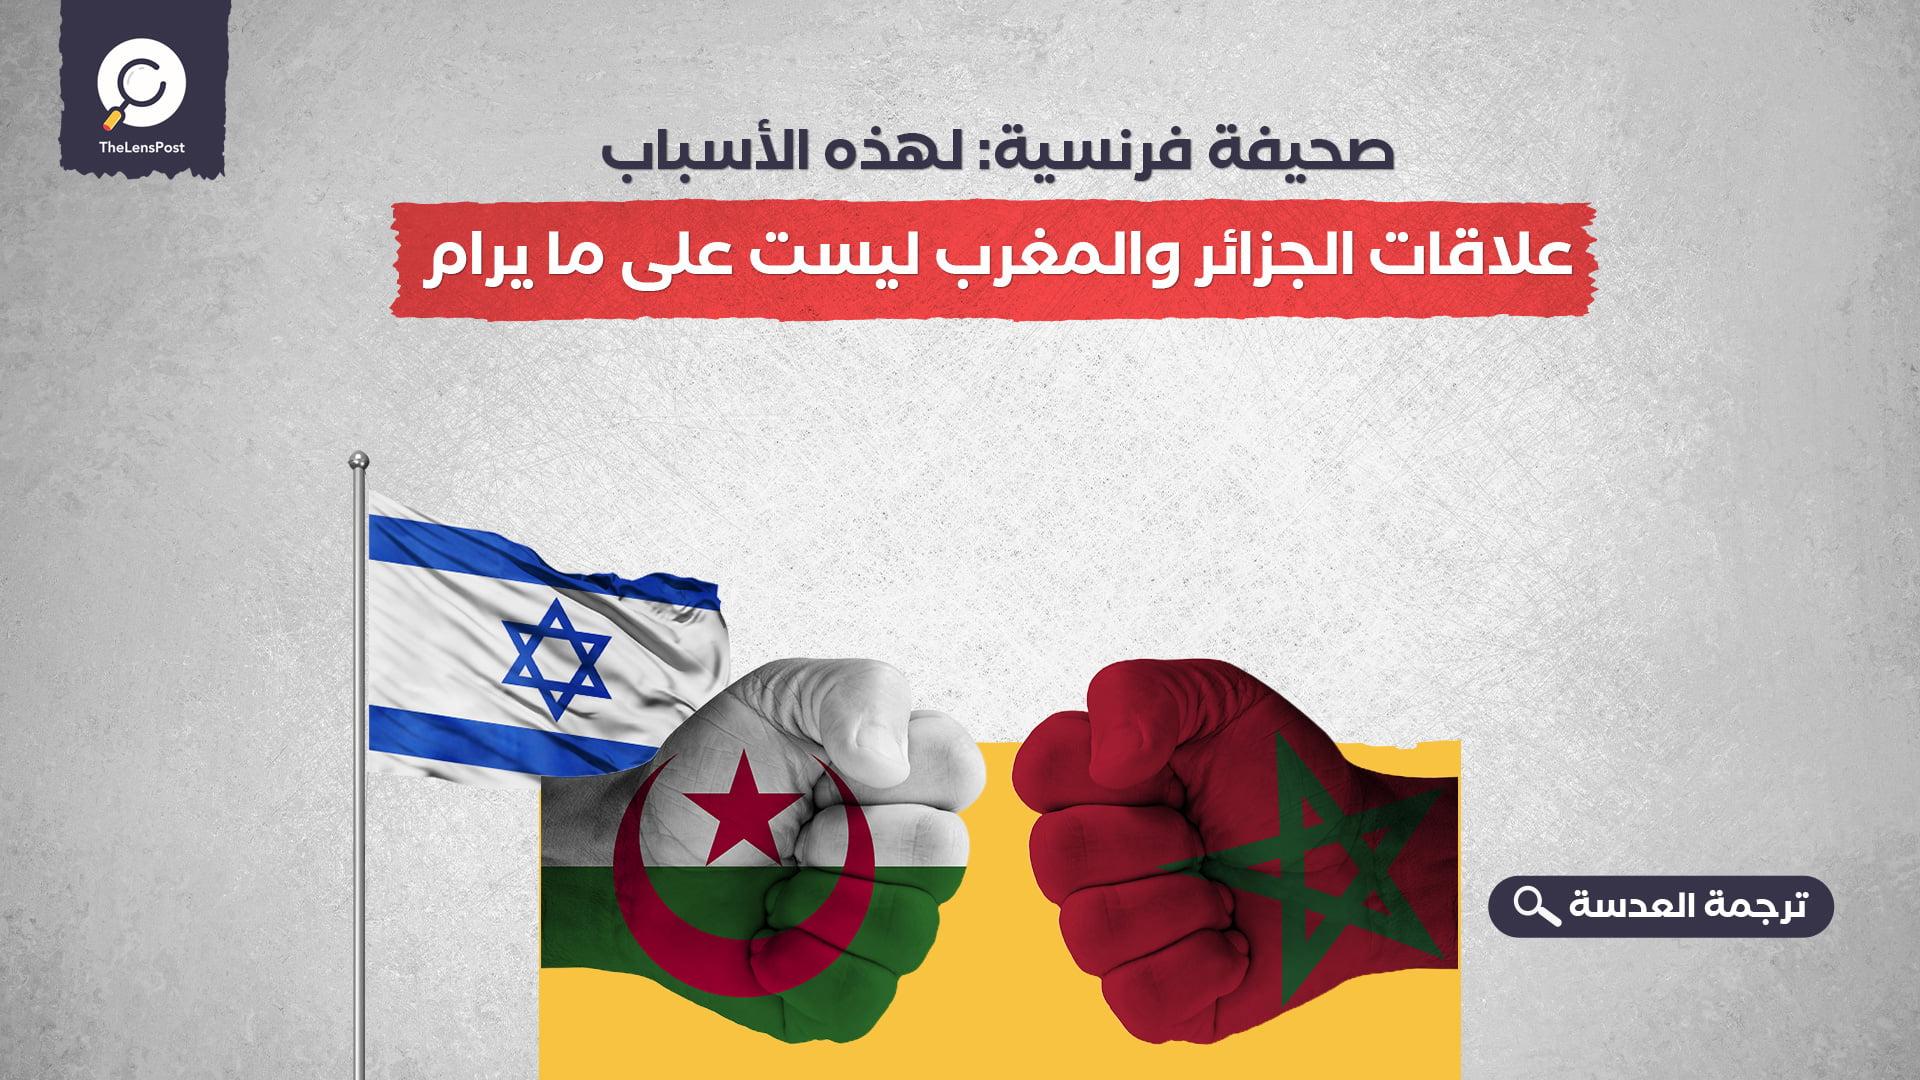 صحيفة فرنسية: لهذه الأسباب.. علاقات الجزائر والمغرب ليست على ما يرام